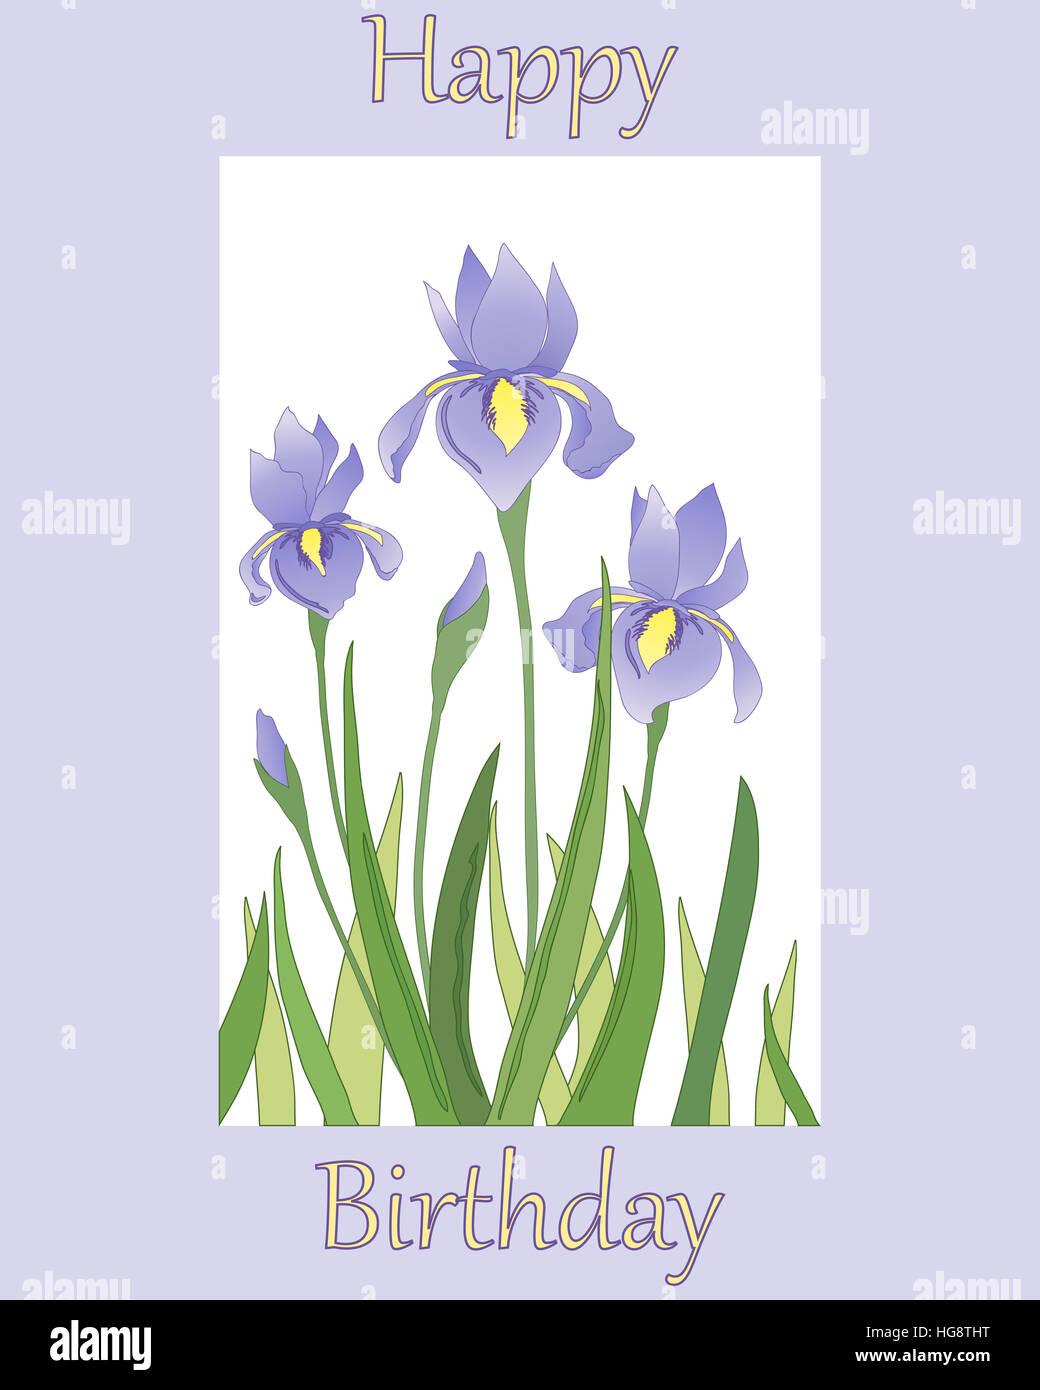 Geburtstagswünsche Karte Geburtstag.Ein Beispiel Für Eine Geburtstagskarte Mit Iris Blumendesign Auf